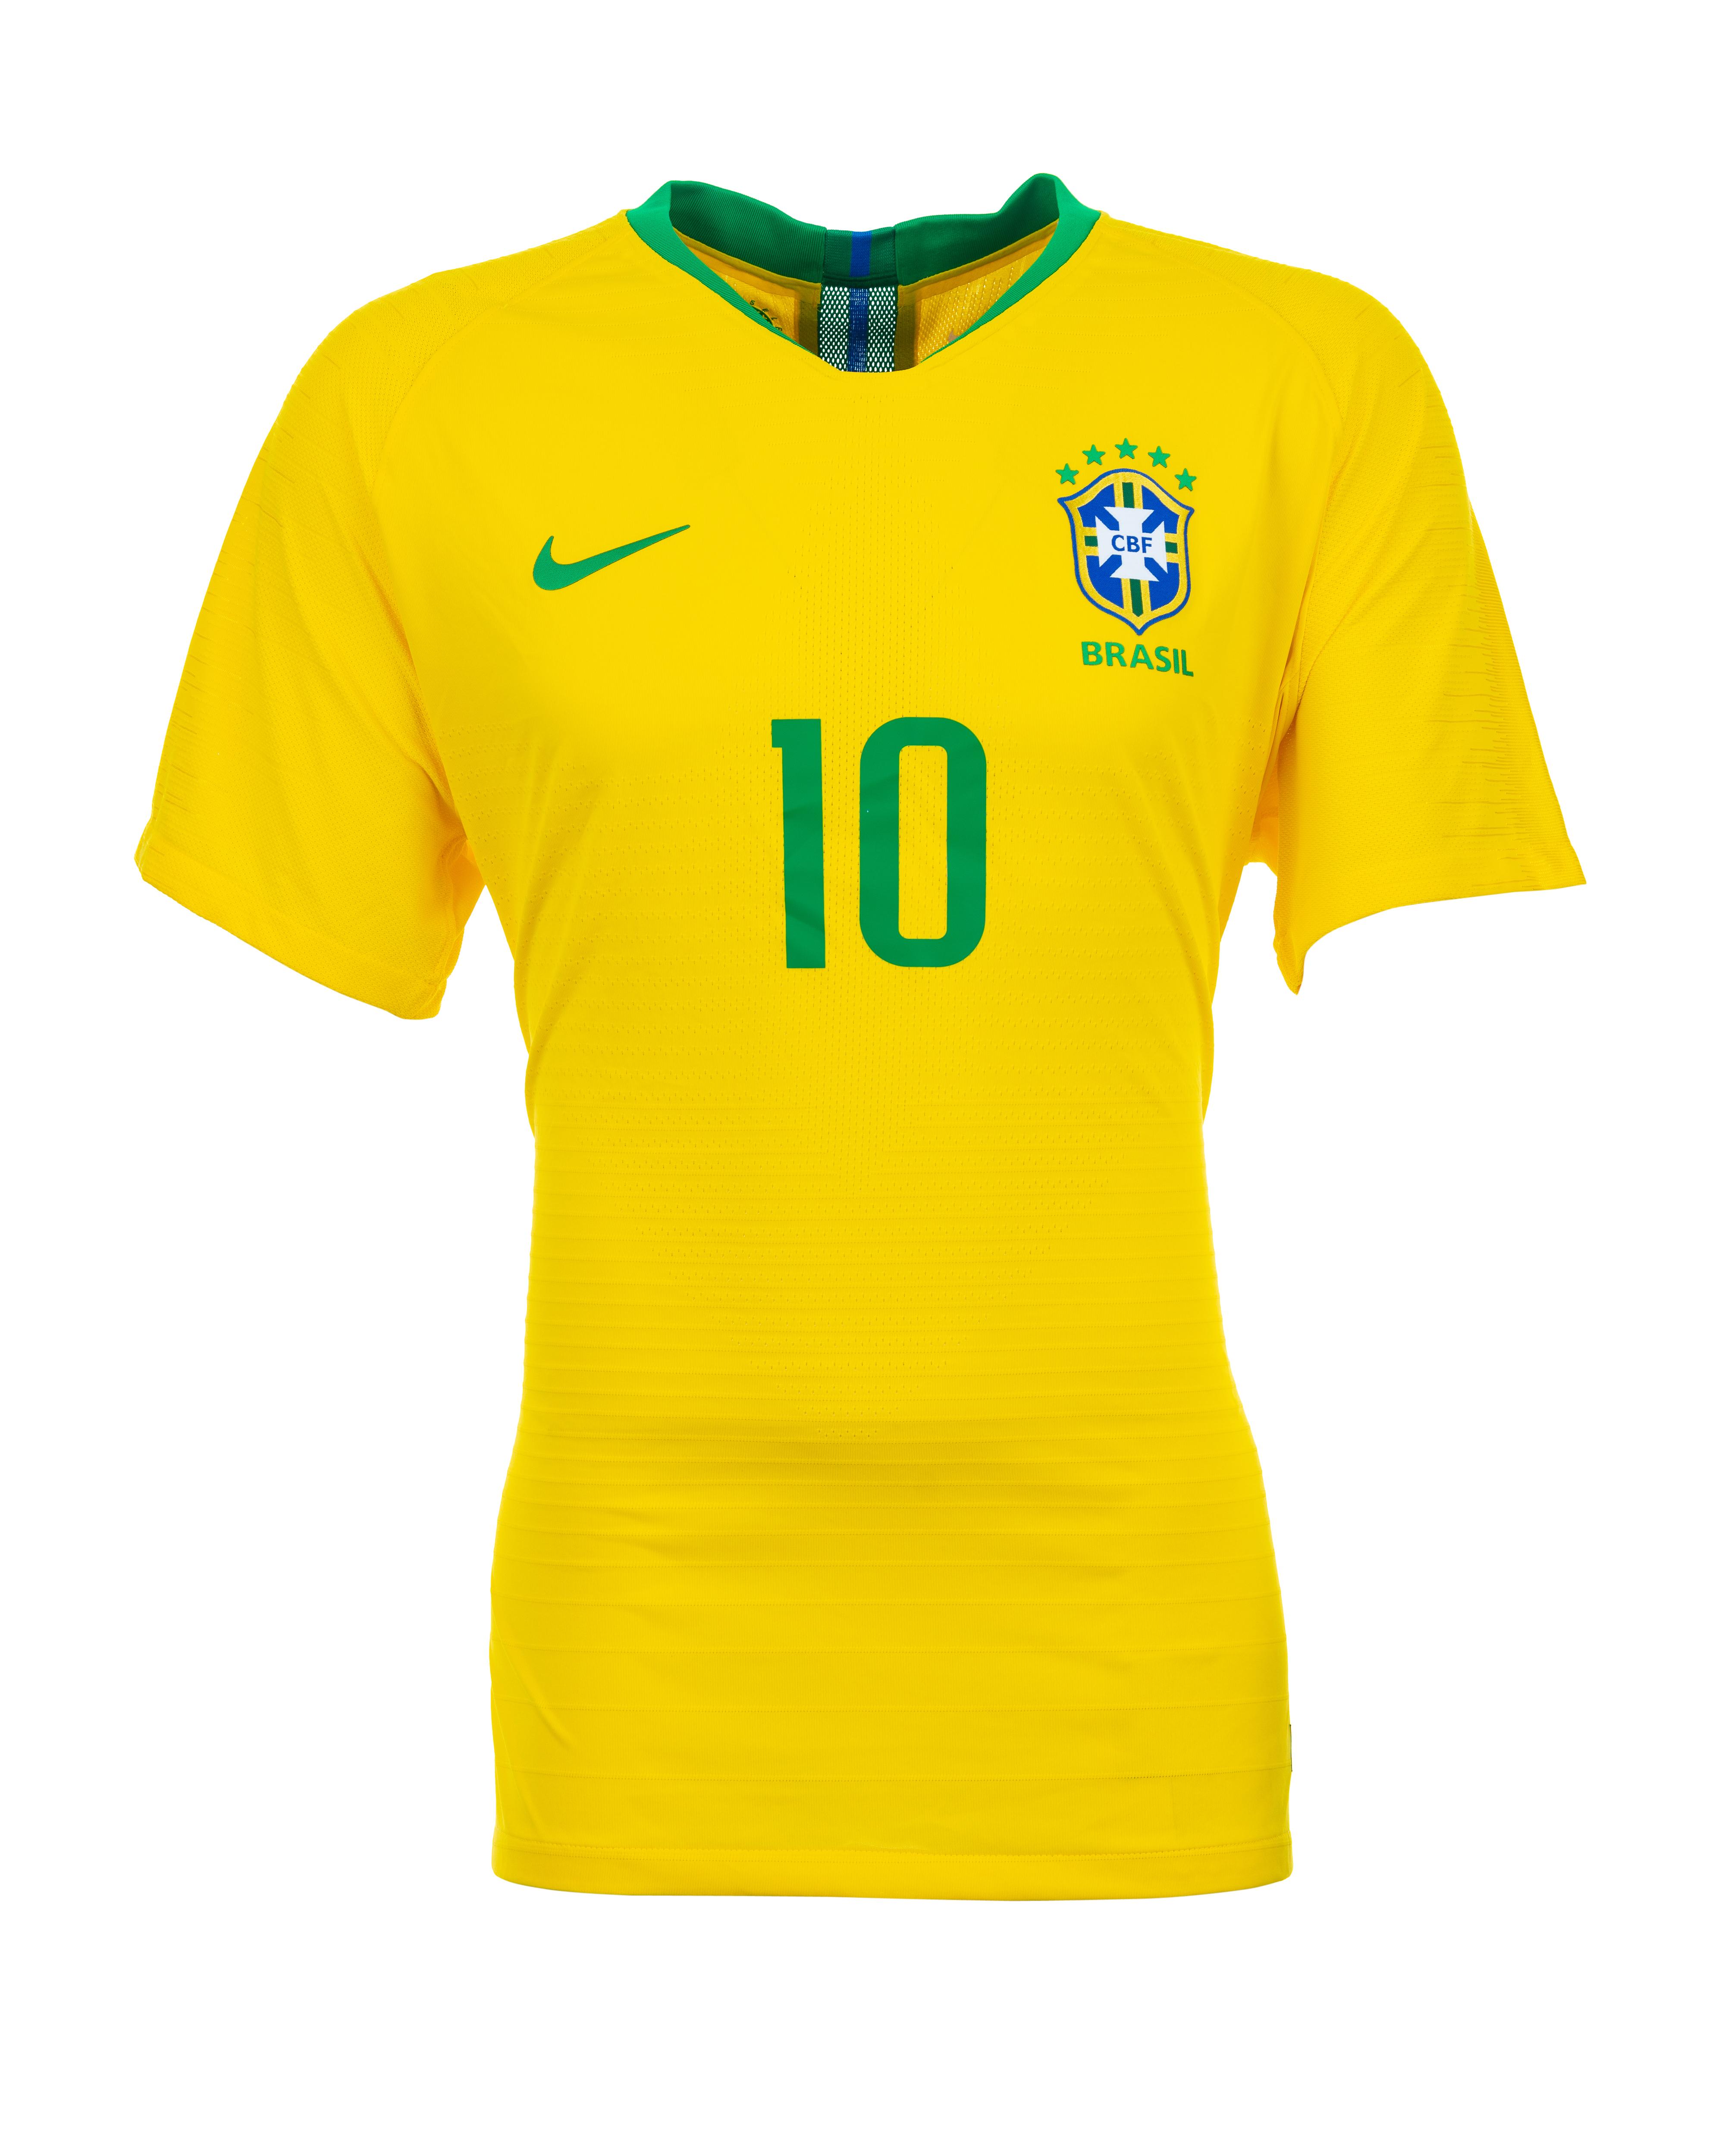 4fcf0322e6 Veja as camisas titulares das 32 seleções da Copa do Mundo 2018 ...